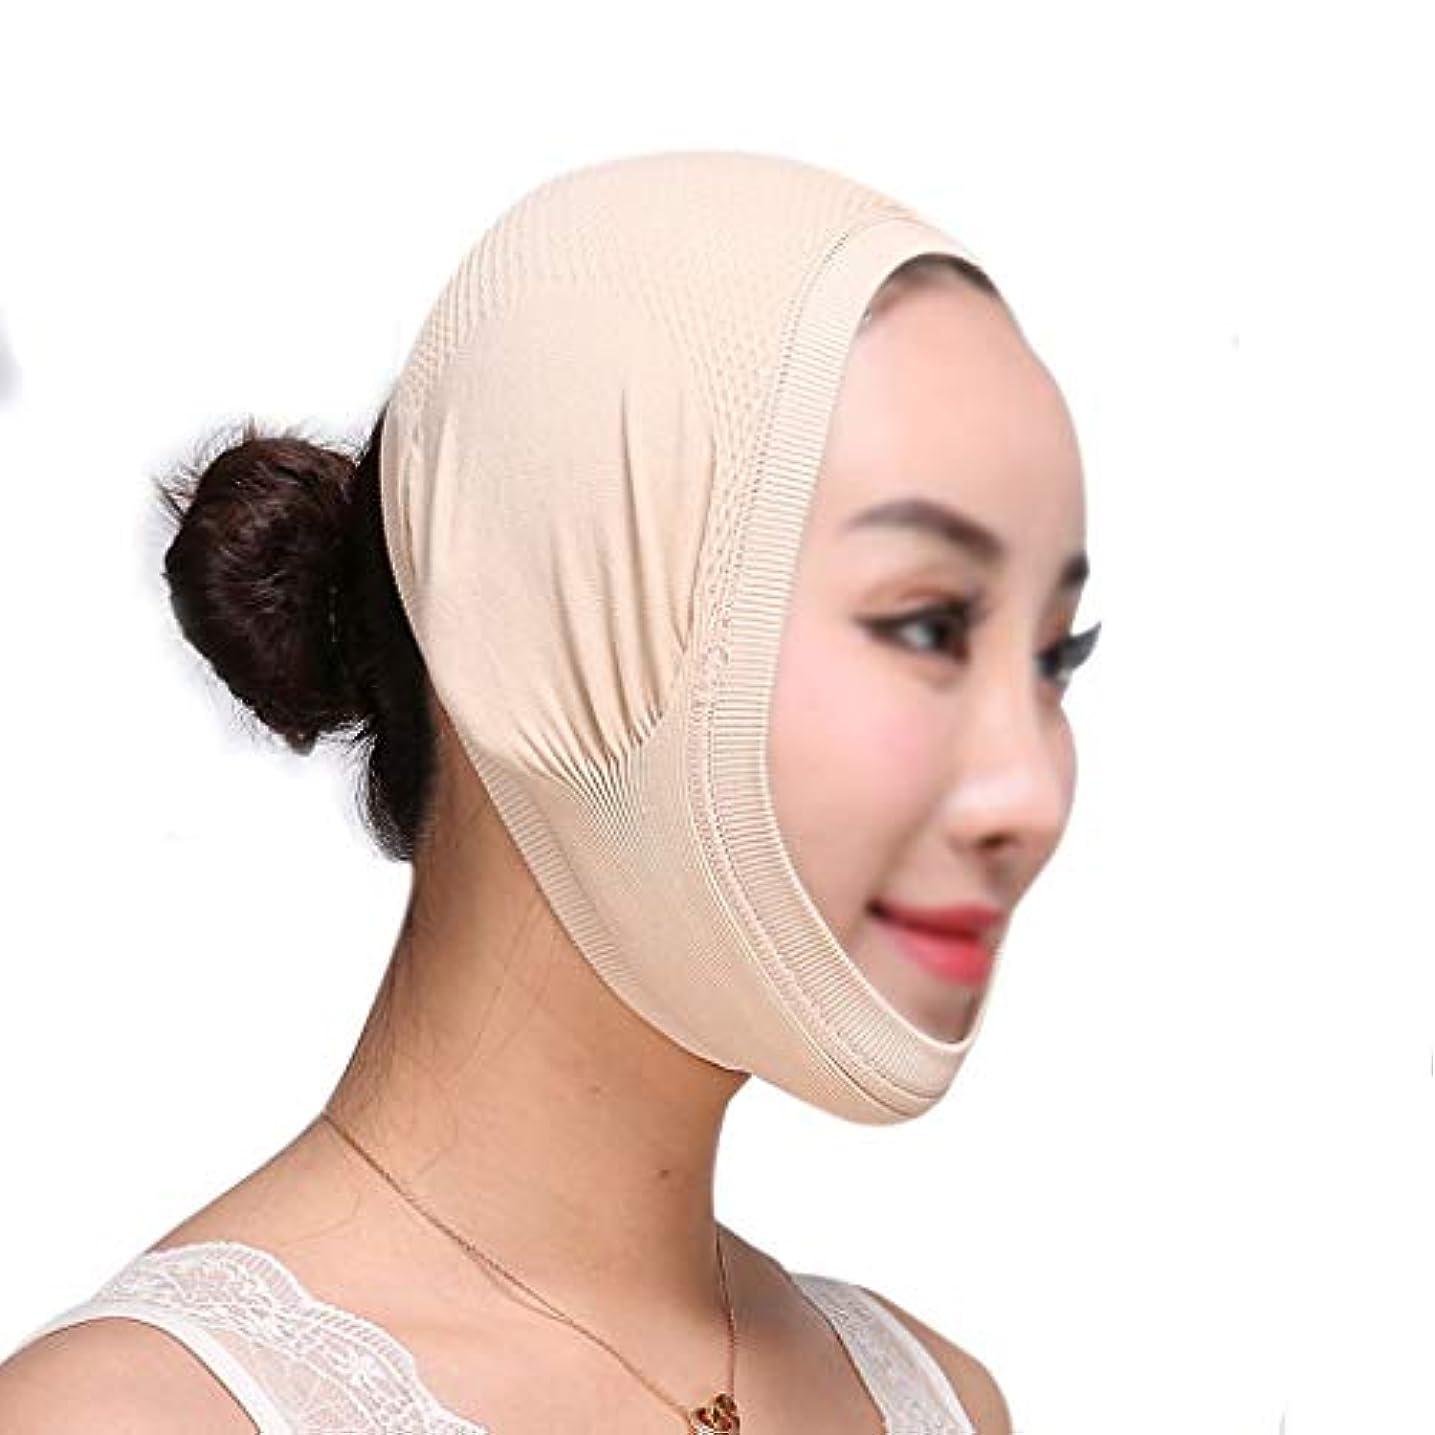 ペデスタル疎外する自信がある整形外科病院ライン彫刻術後回復ヘッドギア医療マスク睡眠vフェイスリフティング包帯薄いフェイスマスク (Size : Skin tone(B))